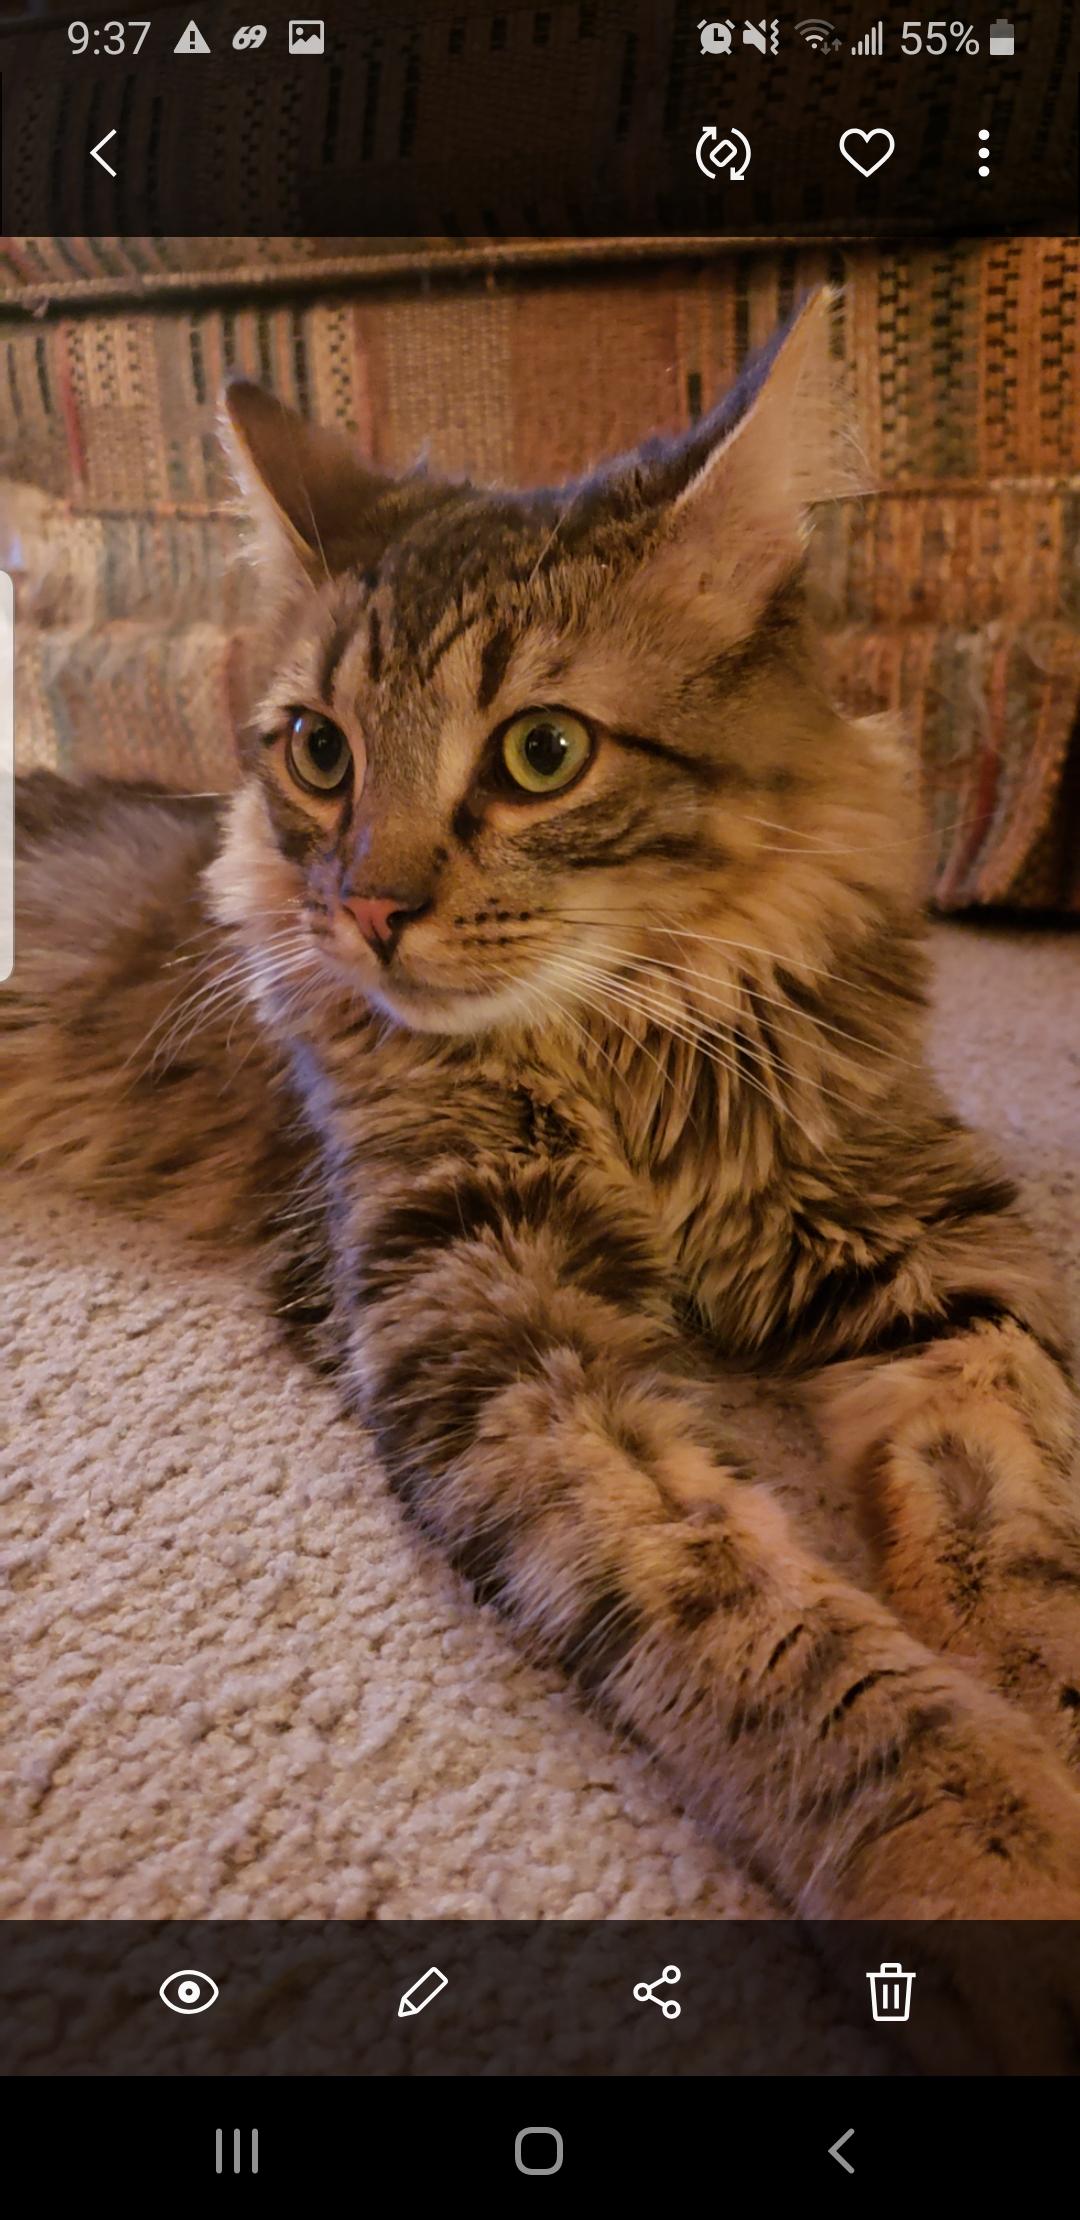 Nala - Cat# 19  (4 votes)